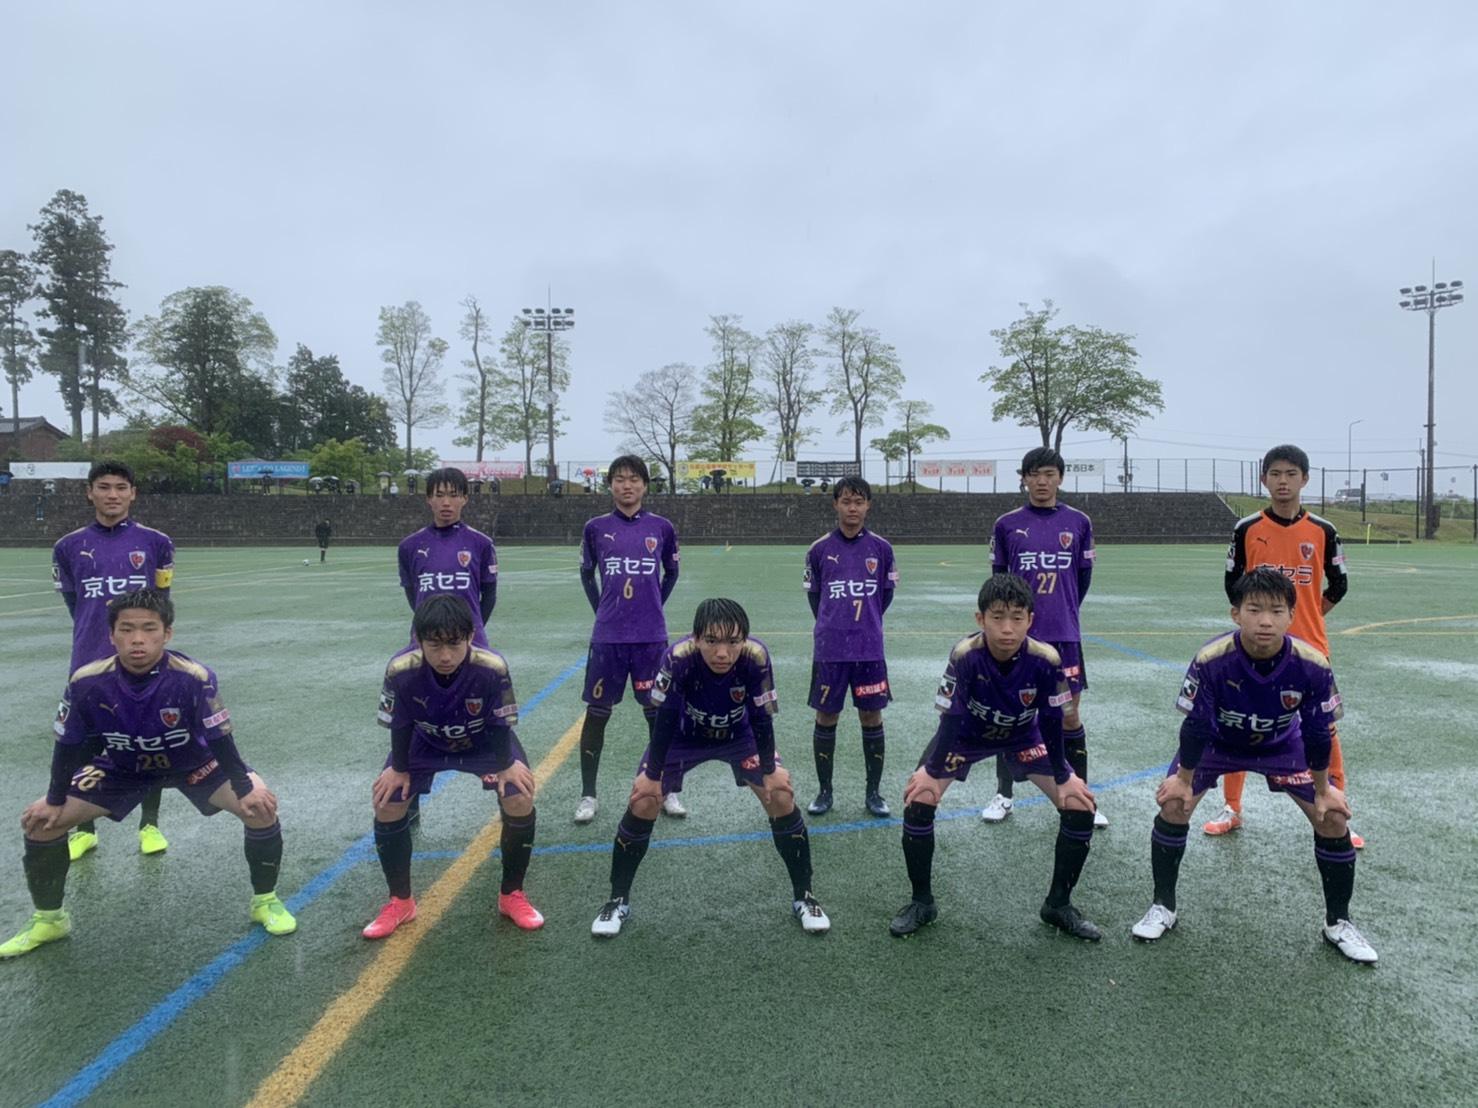 【U-15】クラブユース選手権U-15滋賀県大会予選リーグ第4節